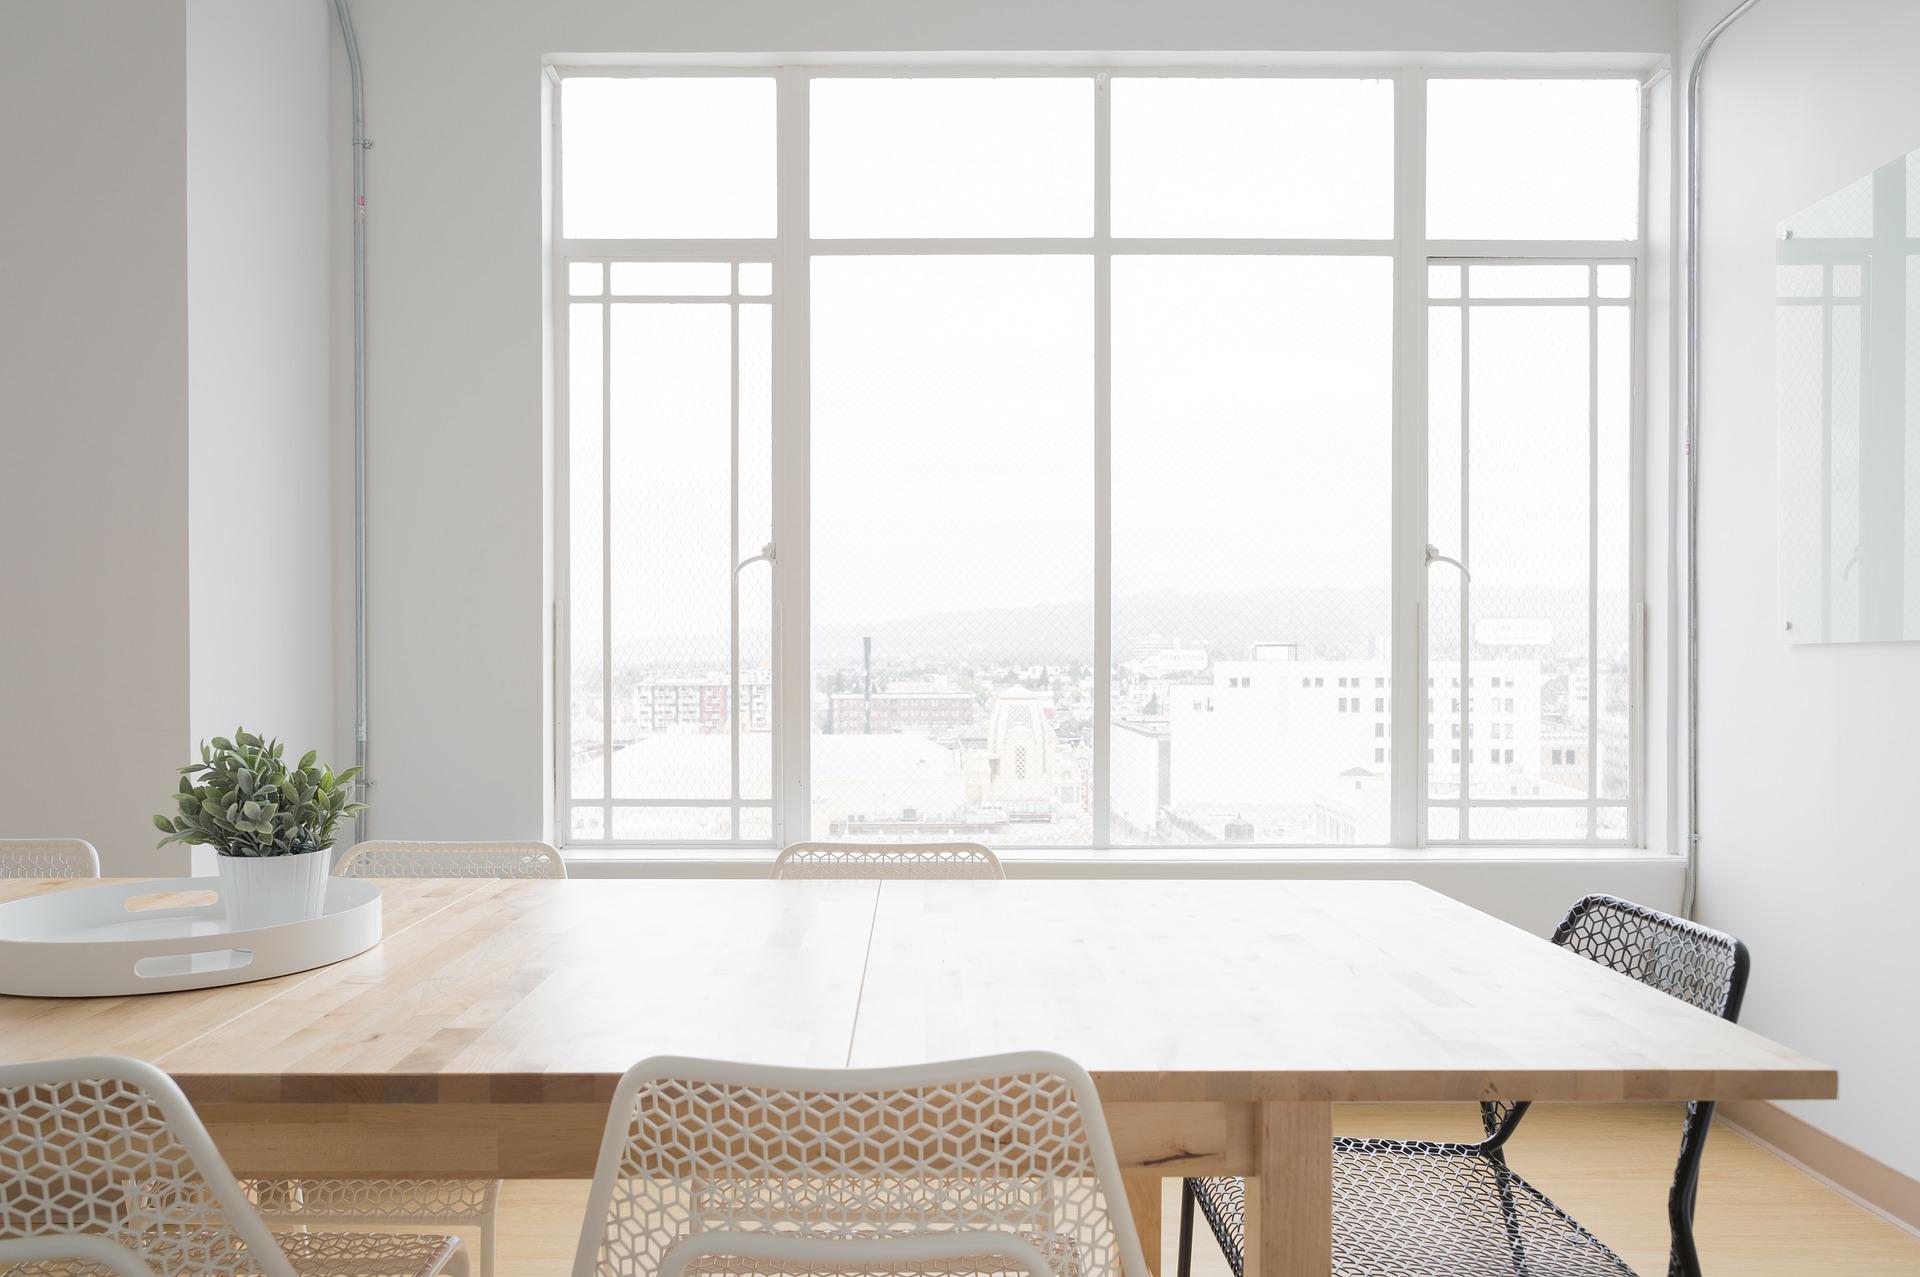 Comment fonctionne l'isolation des fenêtres ?